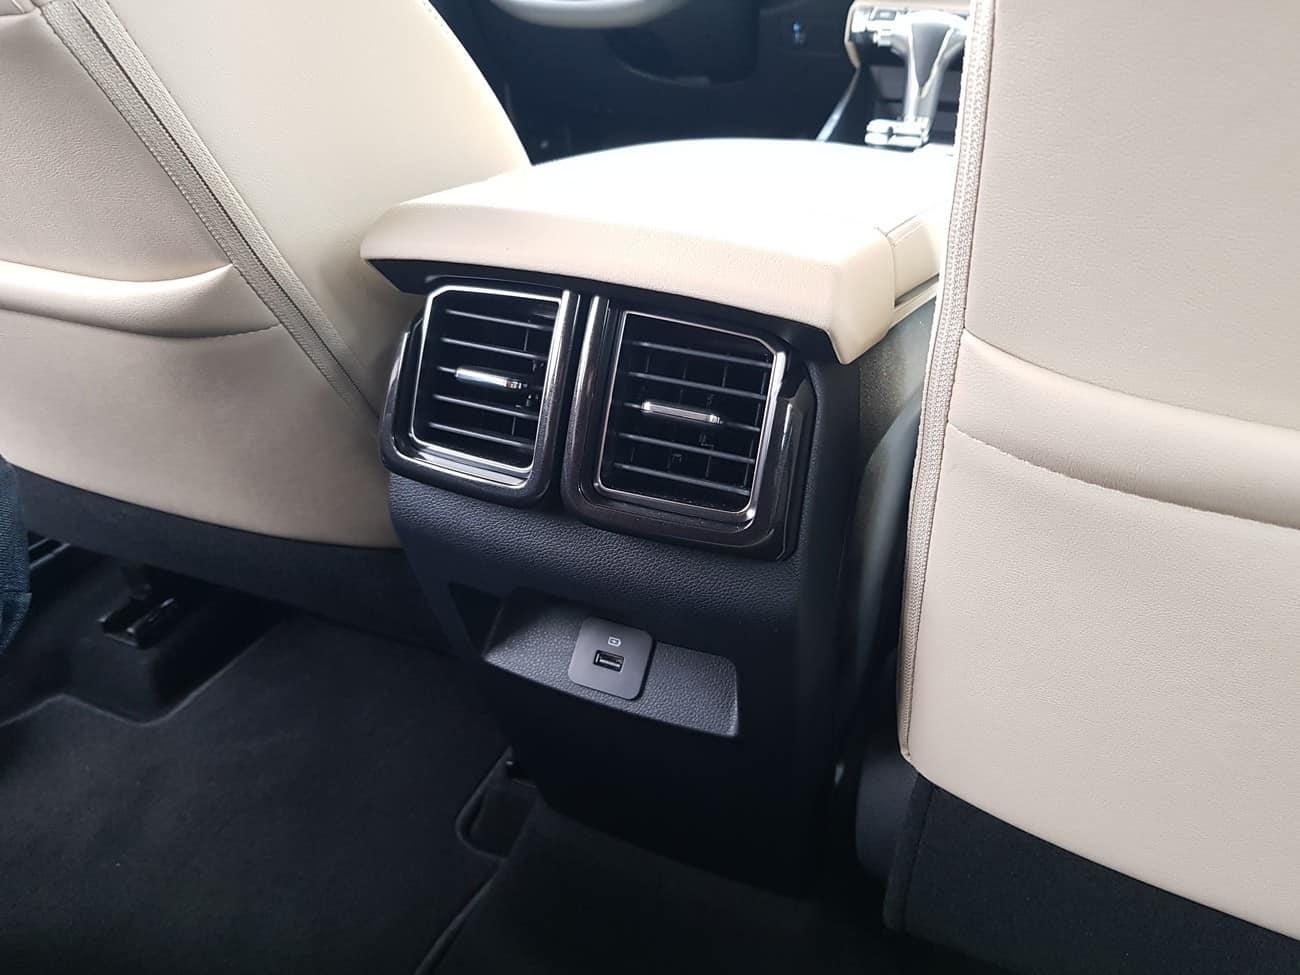 Ford Territory 1.5 SUV ventilação traseira